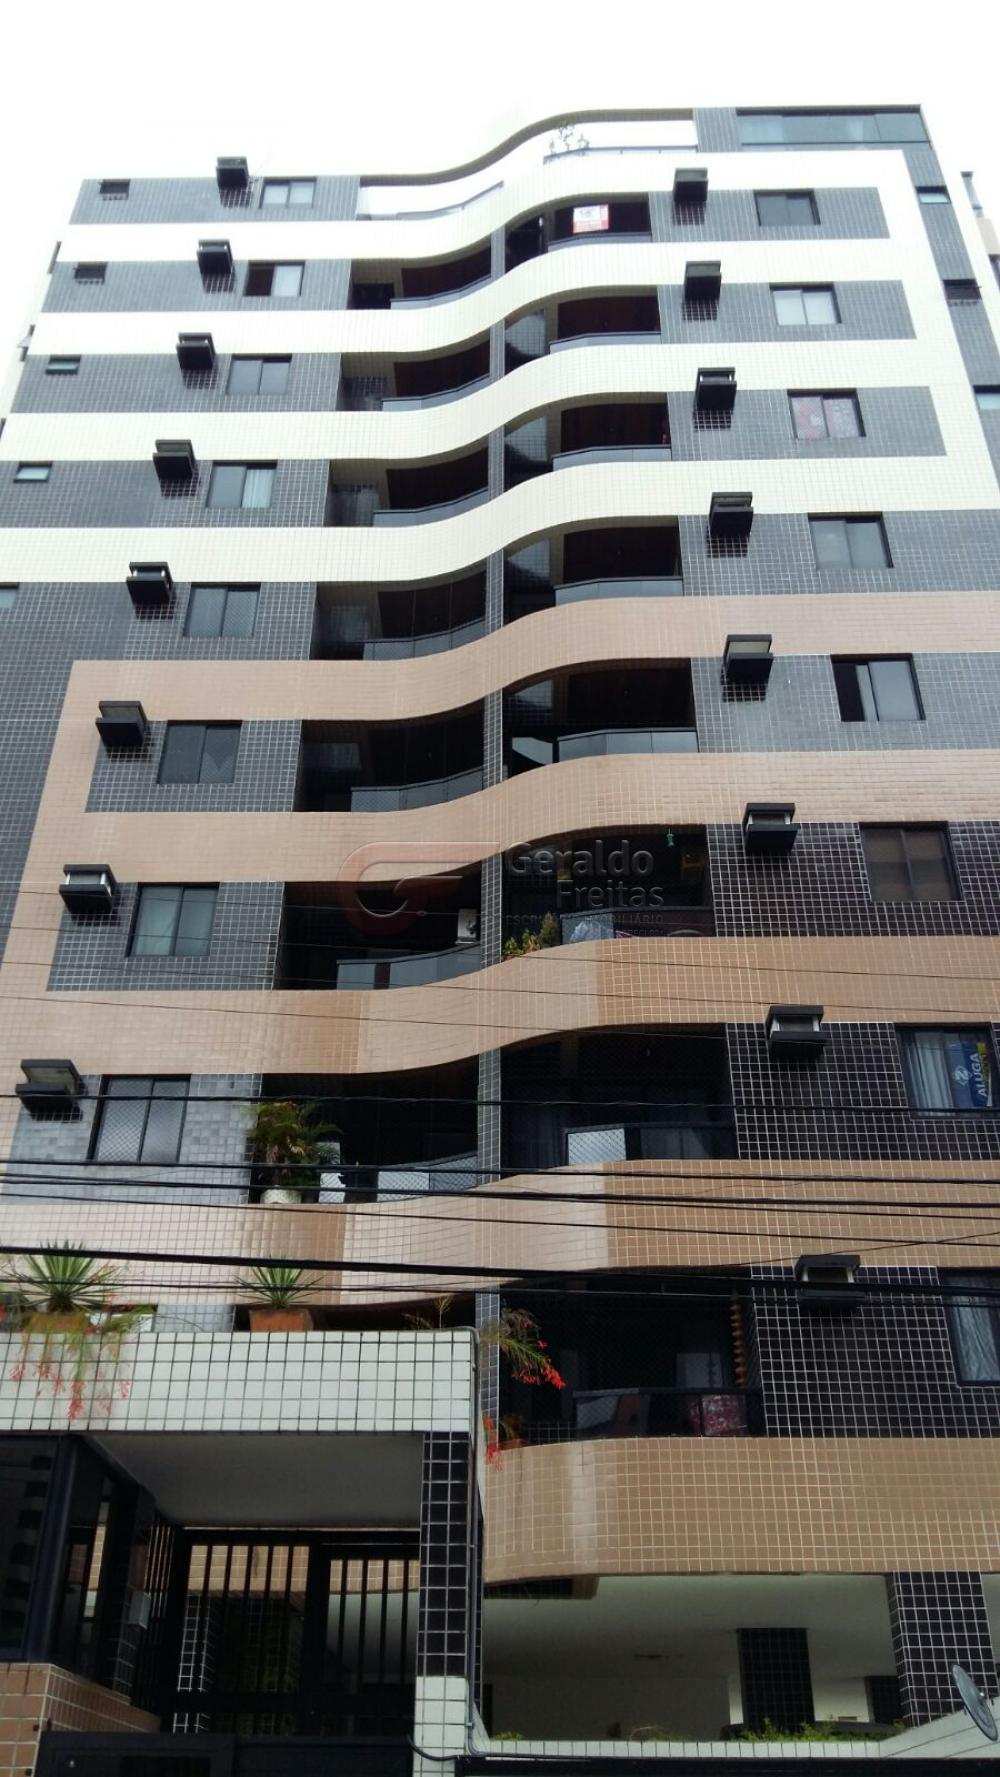 Comprar Apartamentos / Padrão em Maceió apenas R$ 320.000,00 - Foto 21